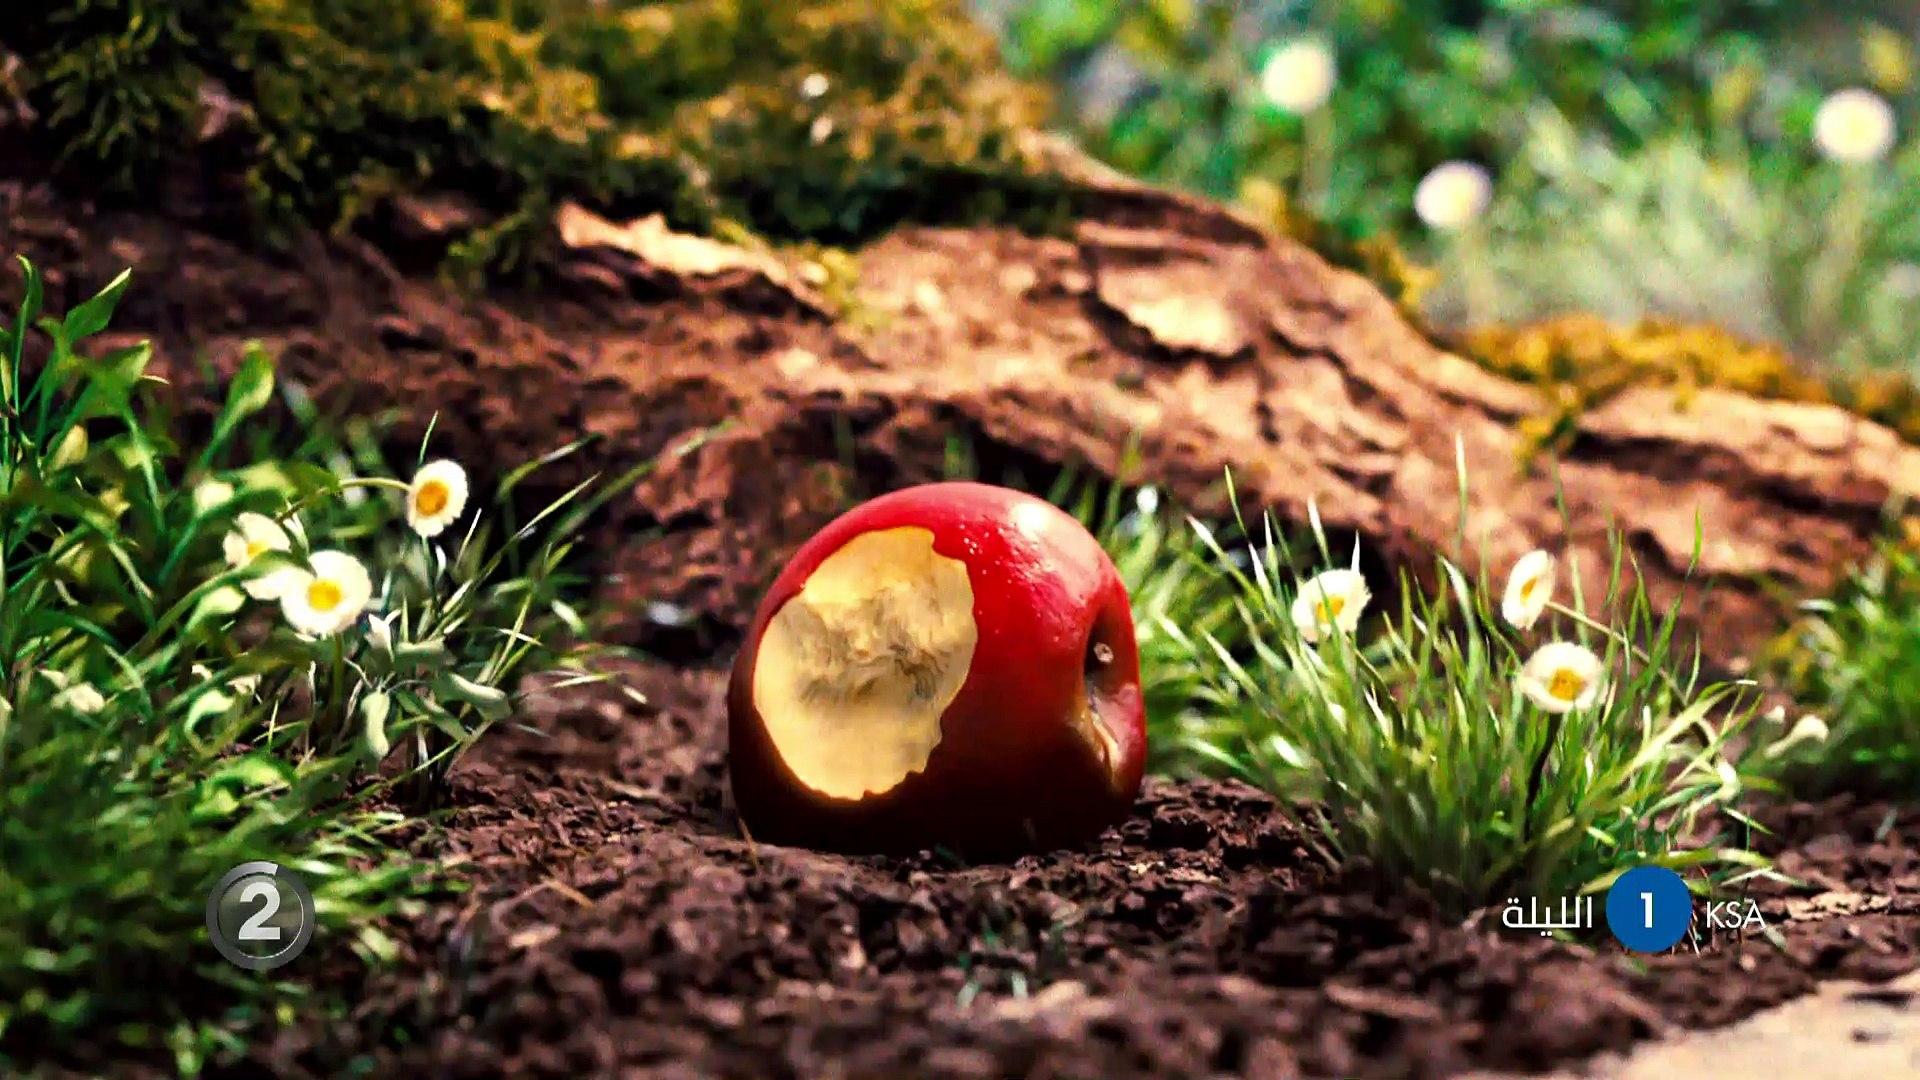 لعشاق أفلام الأكشن والمغامرة.. لاتفوتوا مشاهدة فيلم Snow White and the Huntsman  الليلة على MBC2